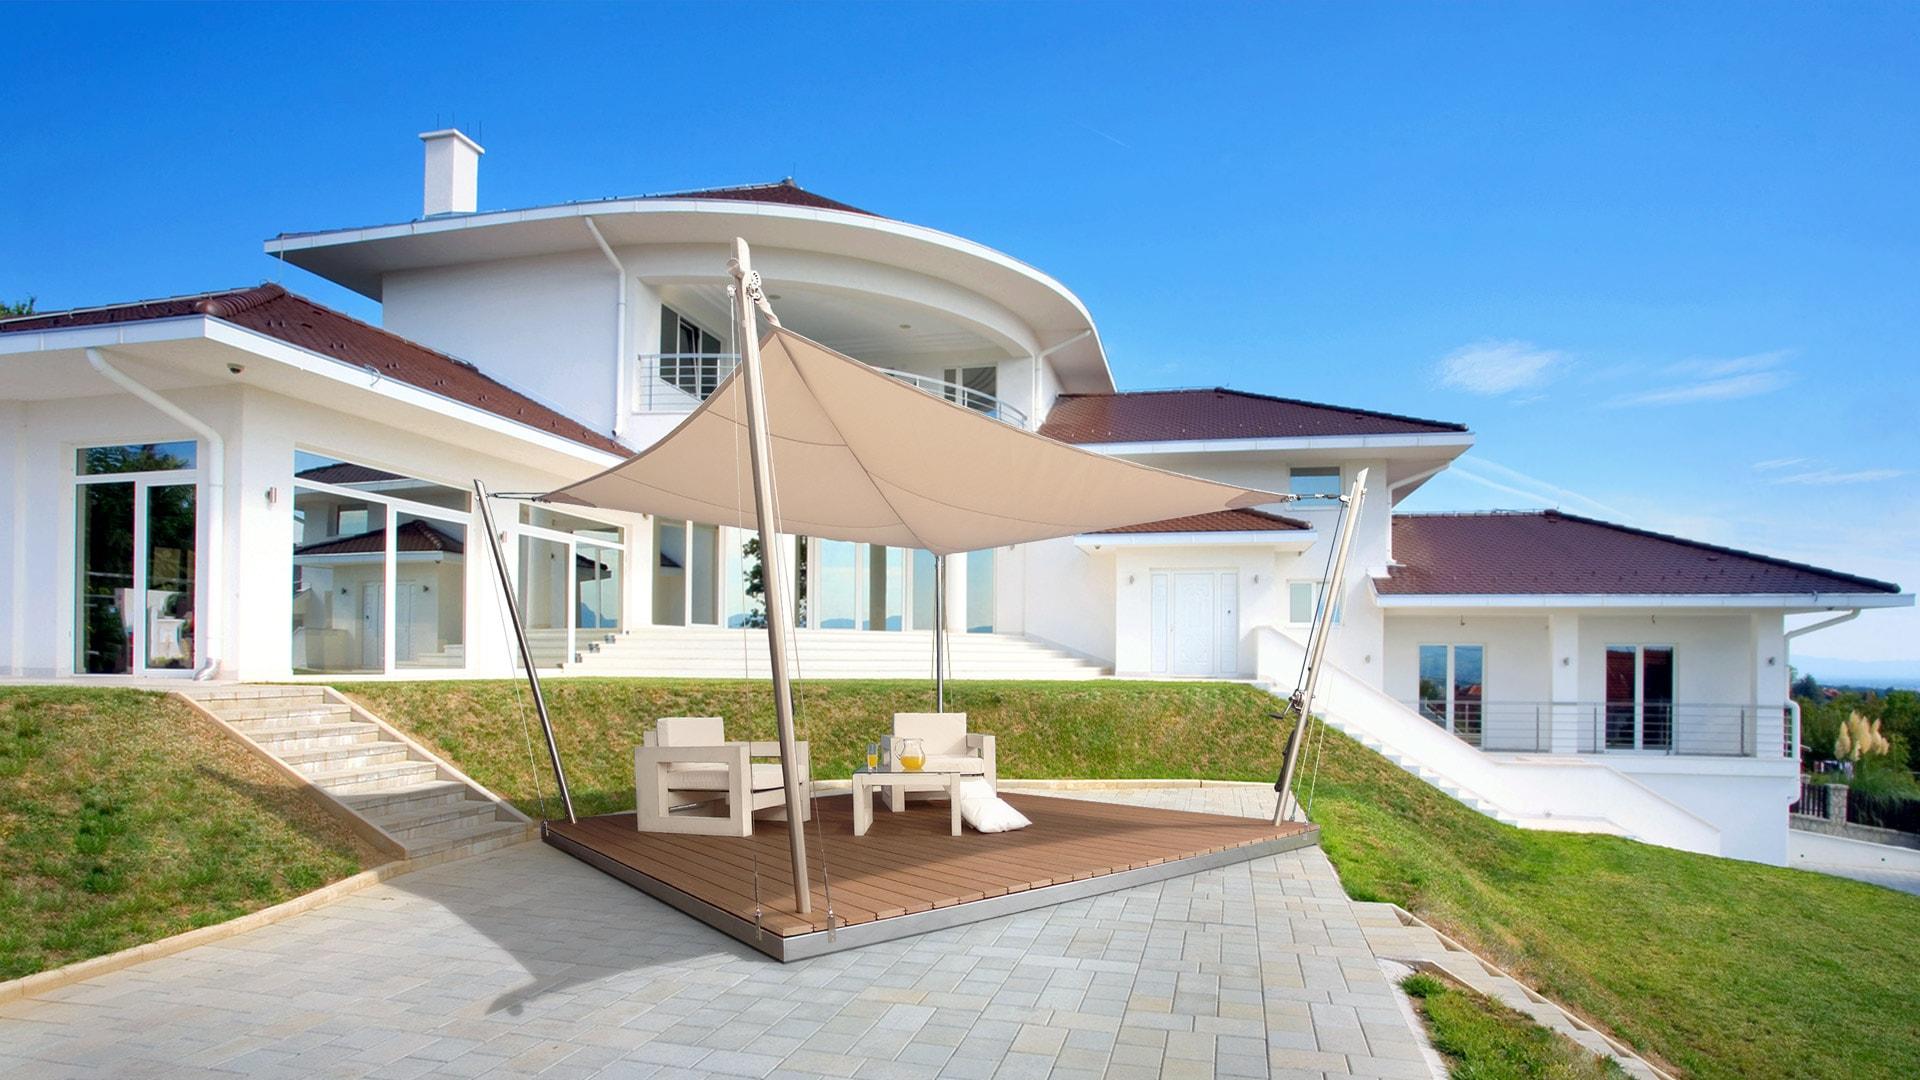 Die Vela-Lounge-Terrasse vor einer Villa aufgestellt.